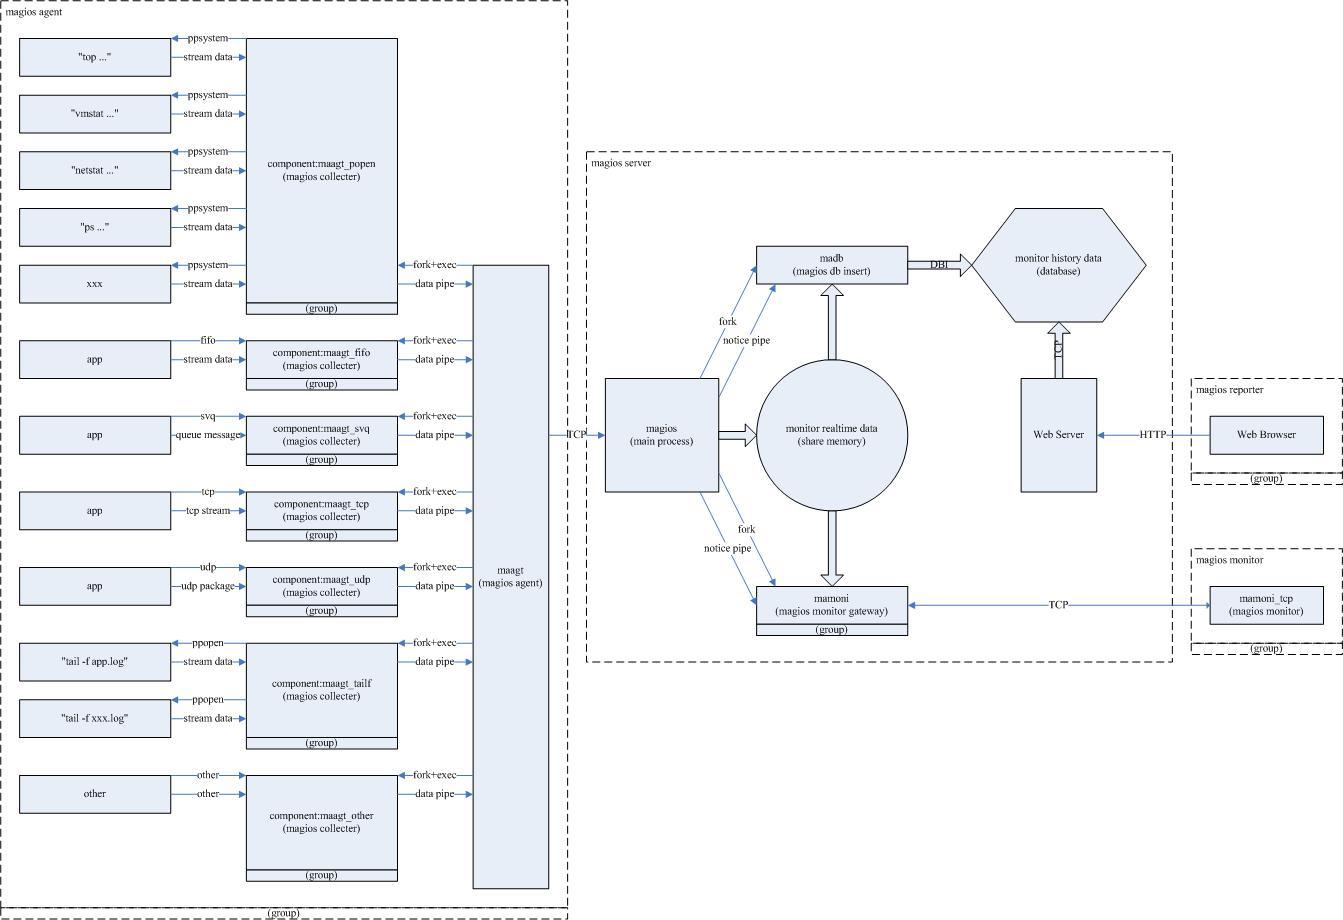 突然想开发一个*nux系统和应用监控软件,画个设计图先